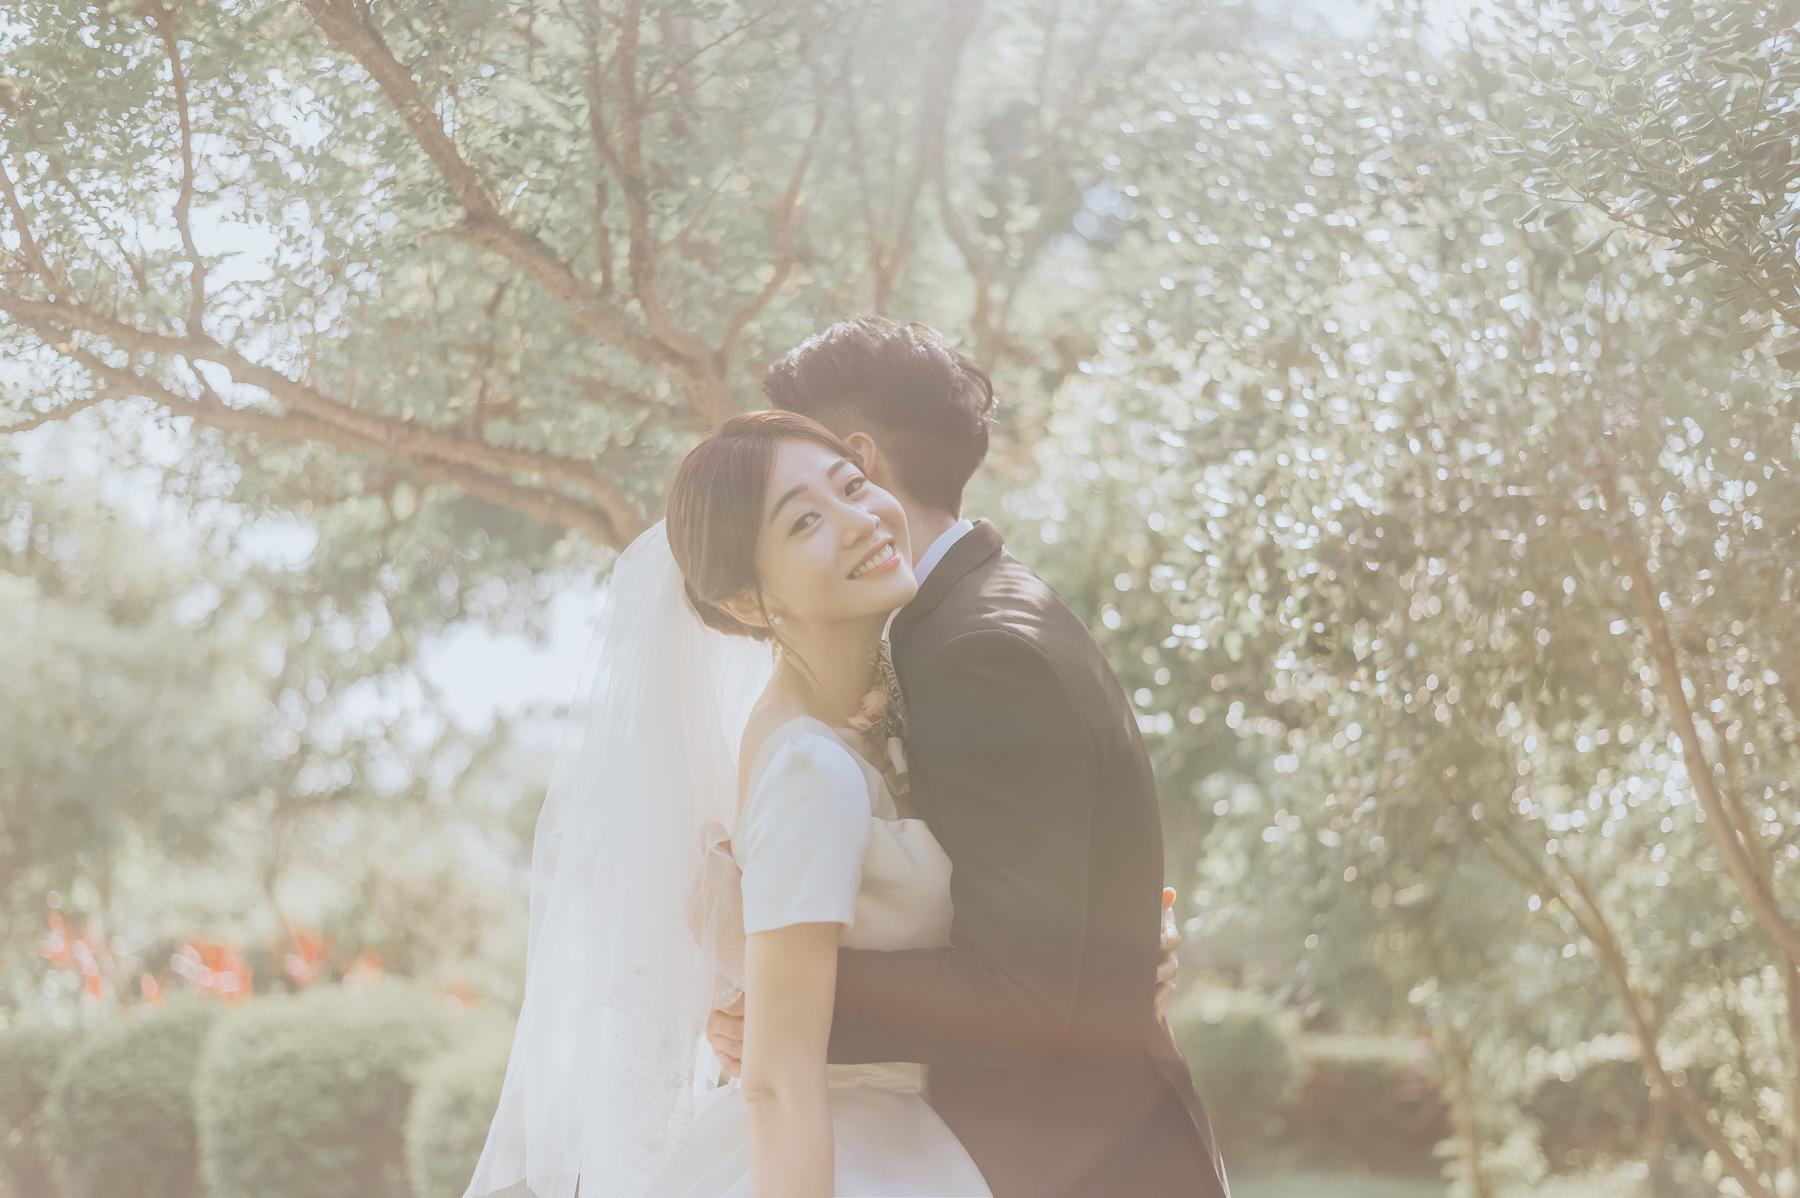 台中戶外婚宴|怡蓁婚宴|焱木攝影 -Vincent拍攝